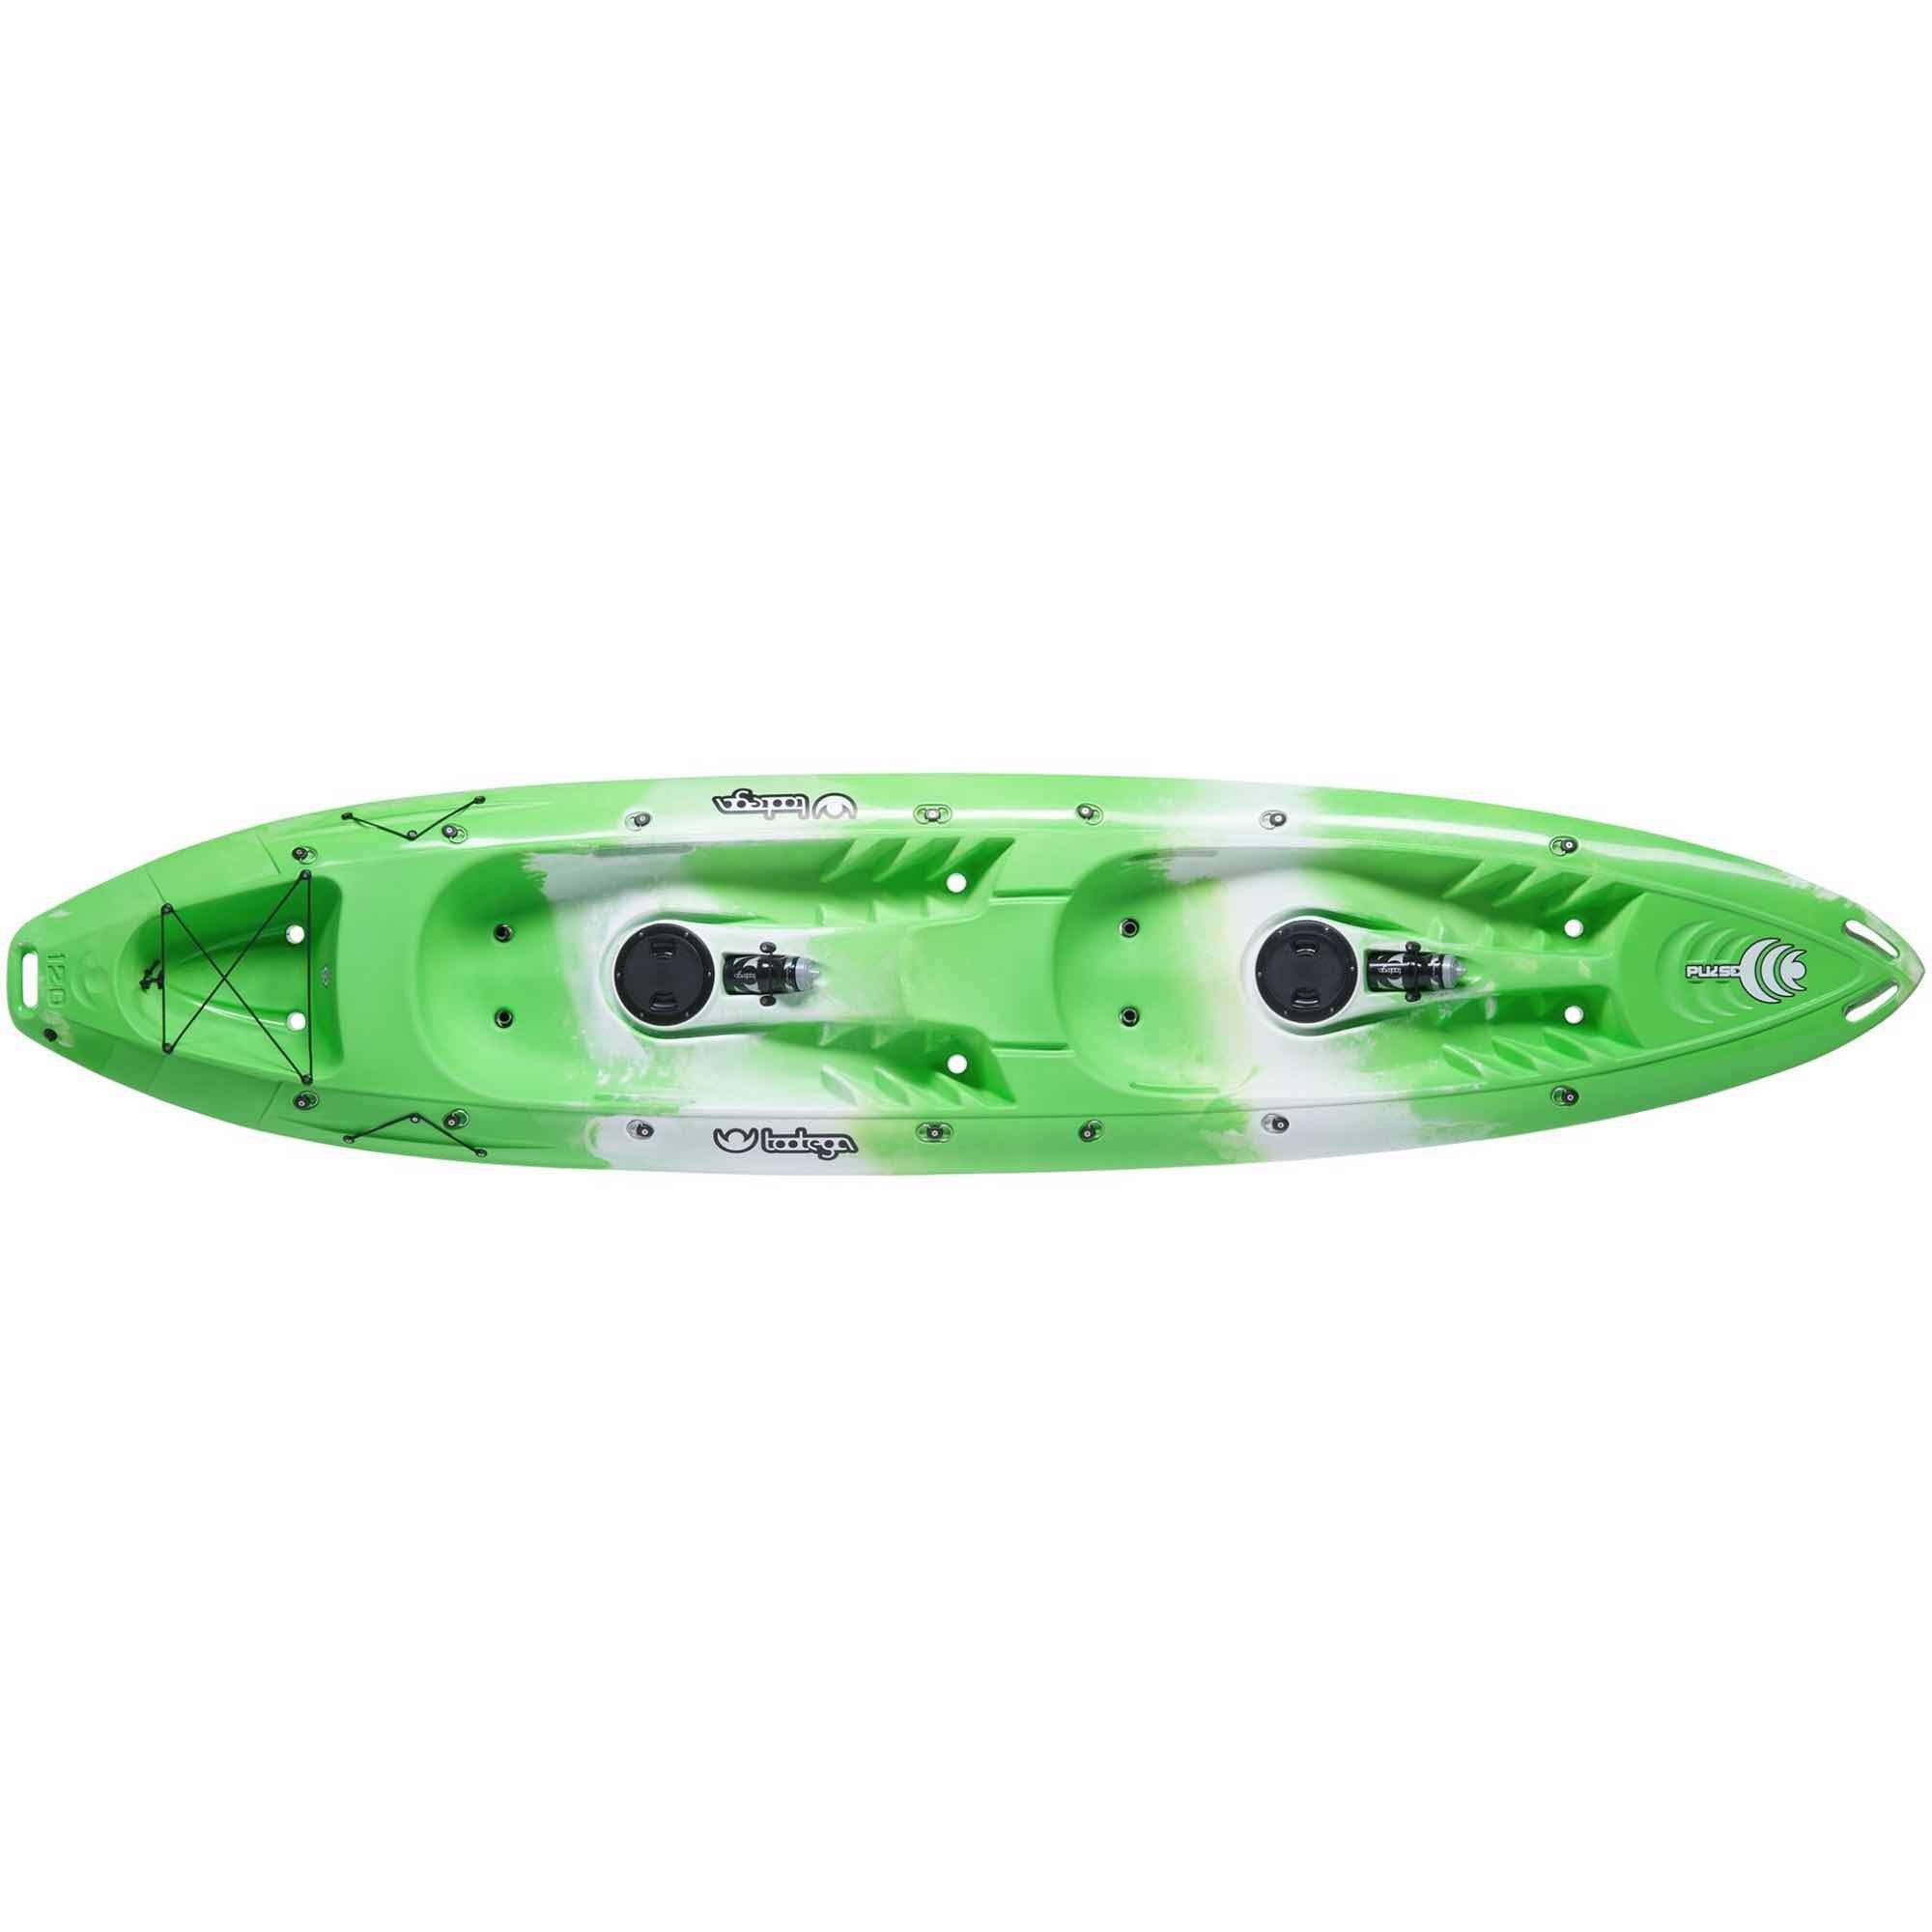 Tootega Pulse 120 Aurora Kayak